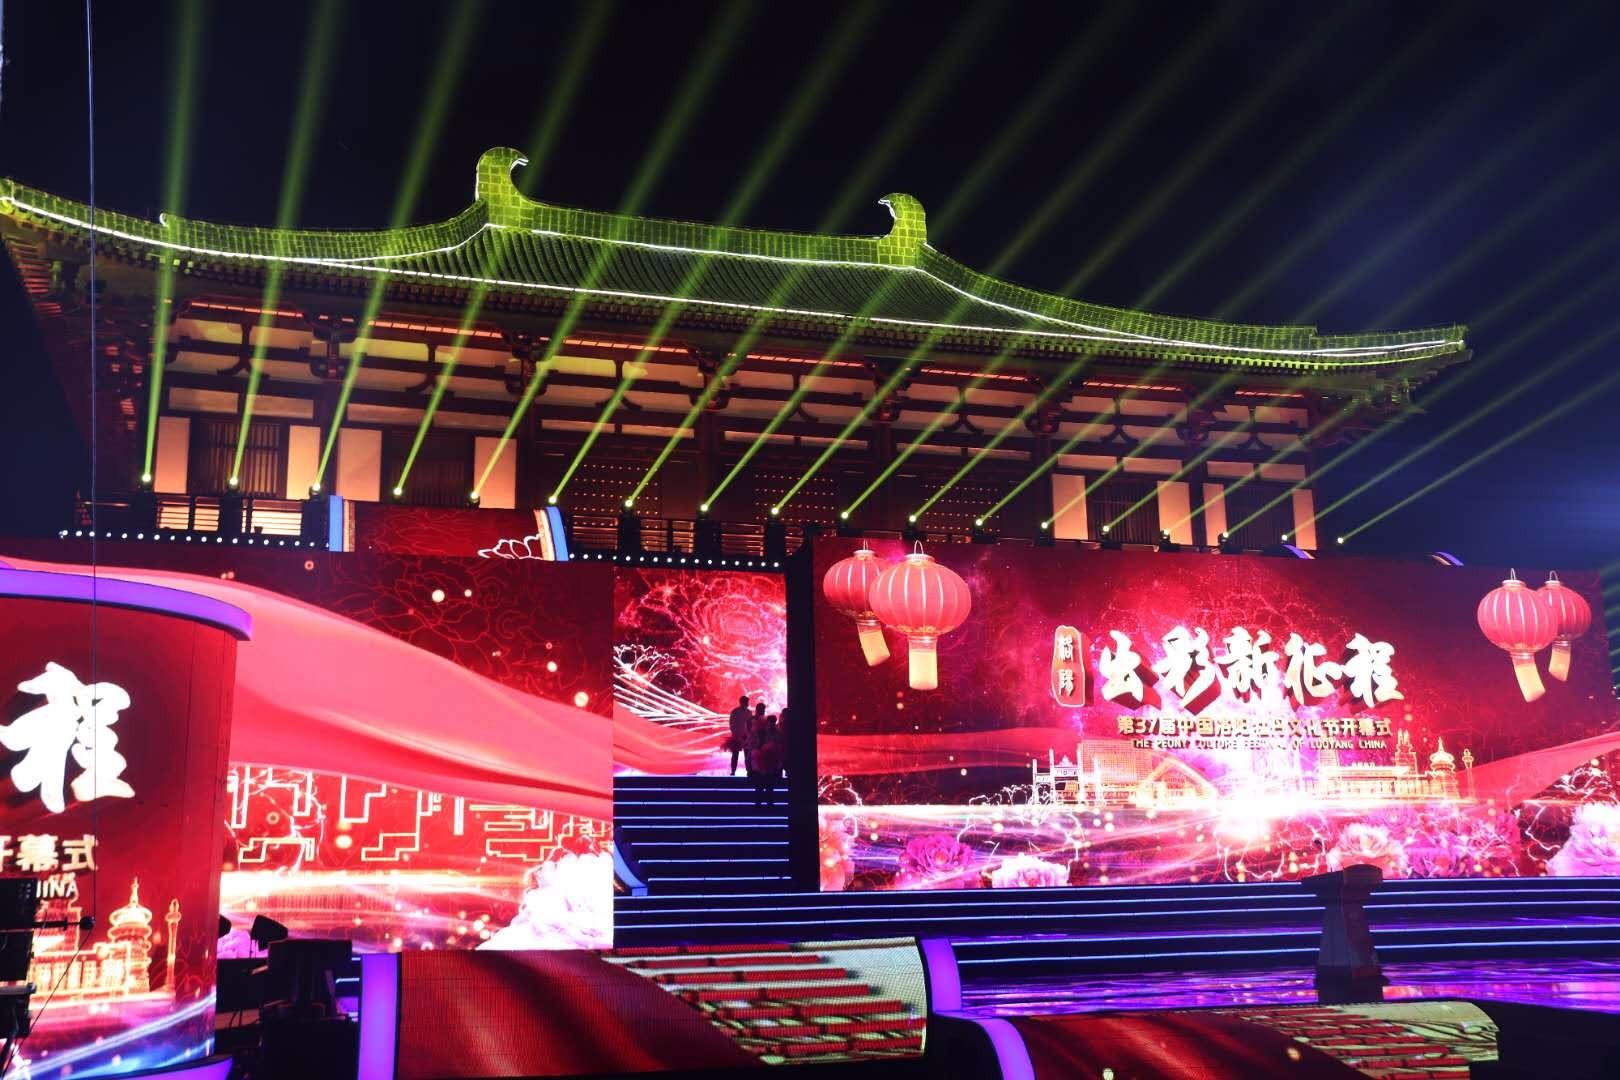 古都花开中国,洛阳献礼华诞 ——出彩新征程 第37届中国洛阳牡丹文化节开幕式召开